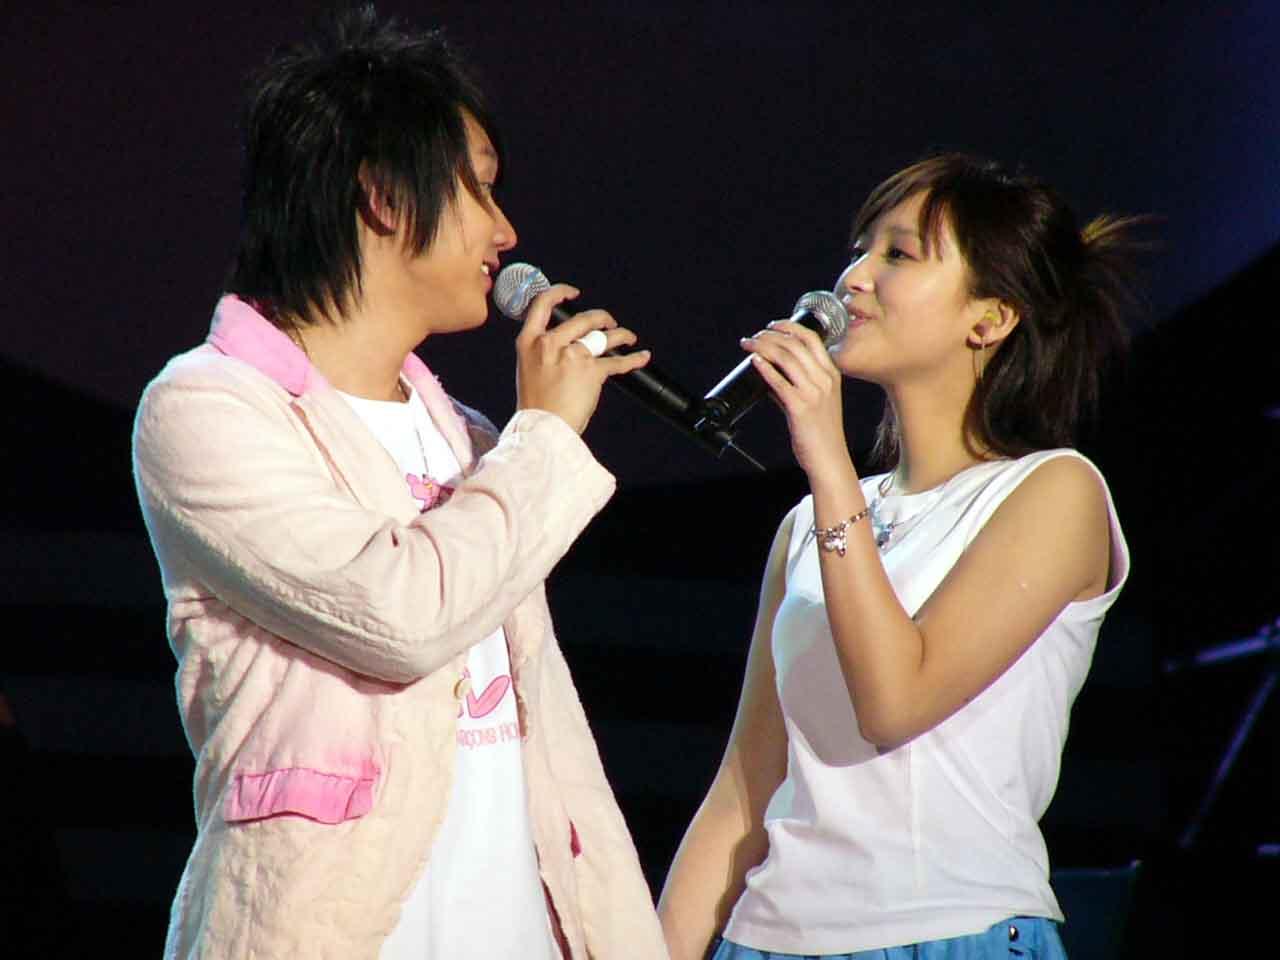 图文:2004中国TOP排行榜现场-林俊杰和金沙2